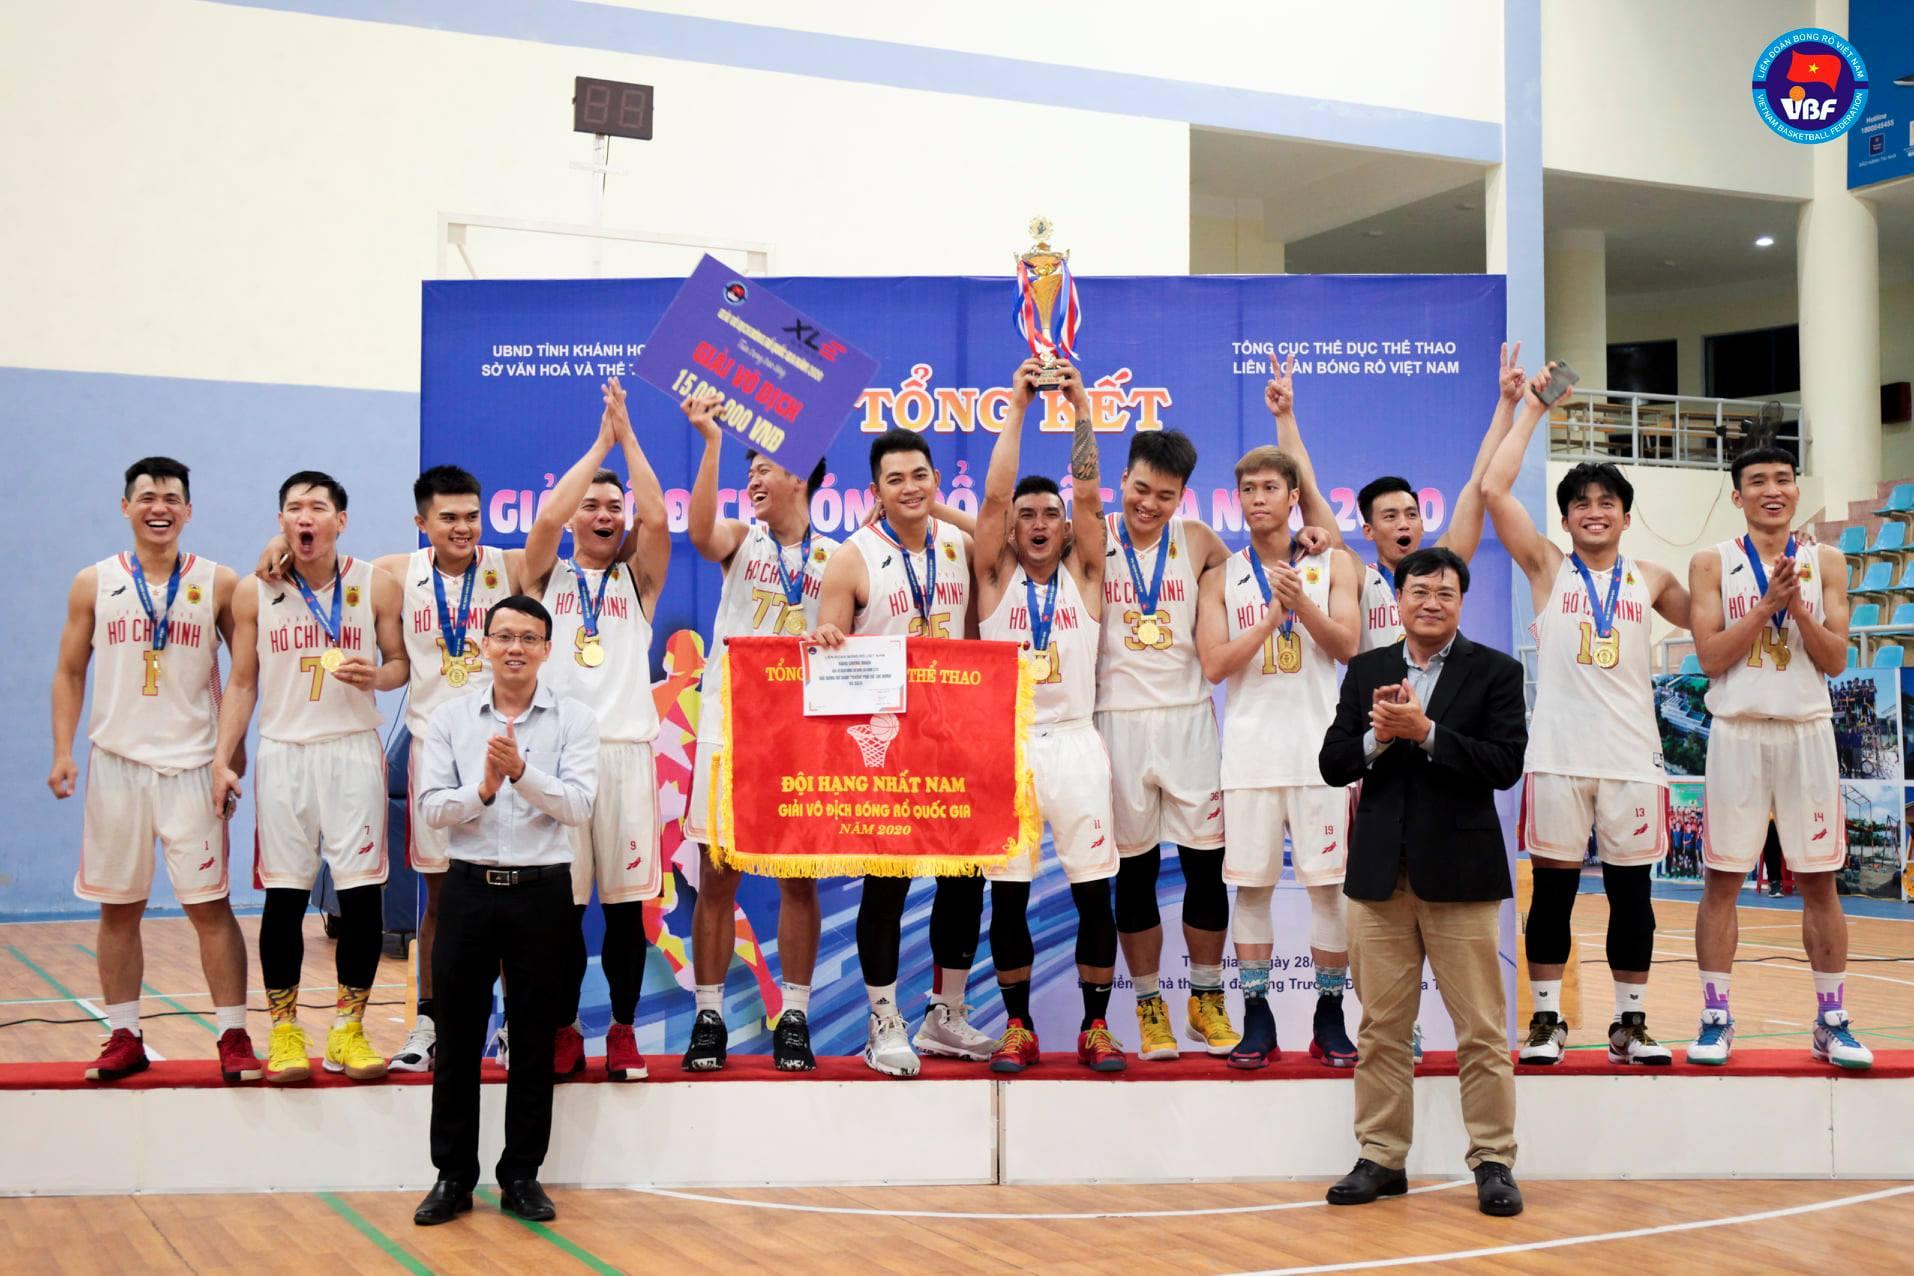 Hình ảnh: TP.HCM thống trị giải vô địch bóng rổ quốc gia năm 2020 số 1